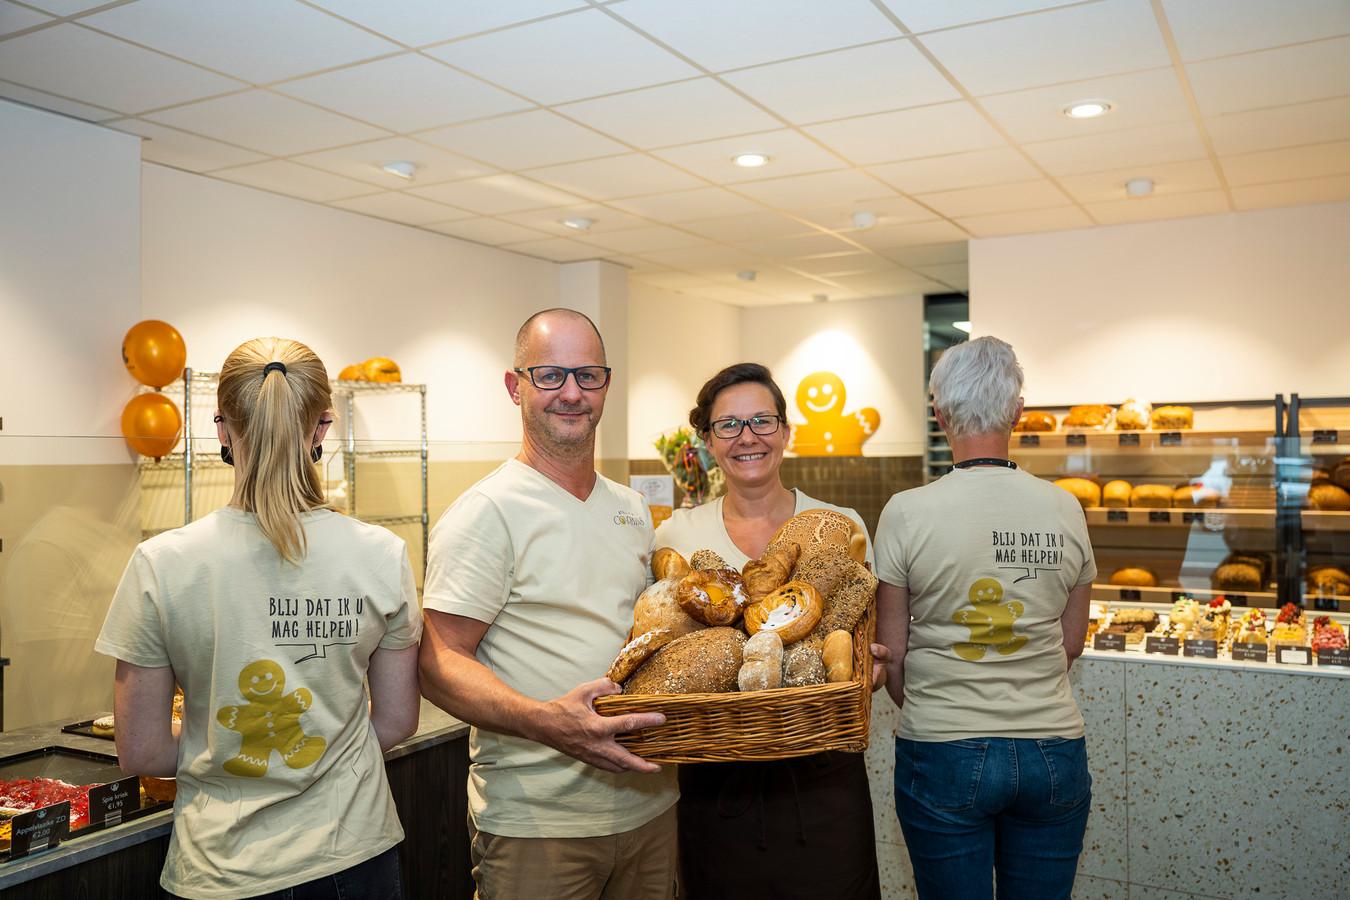 Atelier Co-Pains heeft een nieuwe bakkerswinkel geopend in Brasschaat. Geert en Heidi blijven de uitbaters van de bakker op de Bredabaan, die voorheen een filiaal van Van Opstal-Van Boxel was